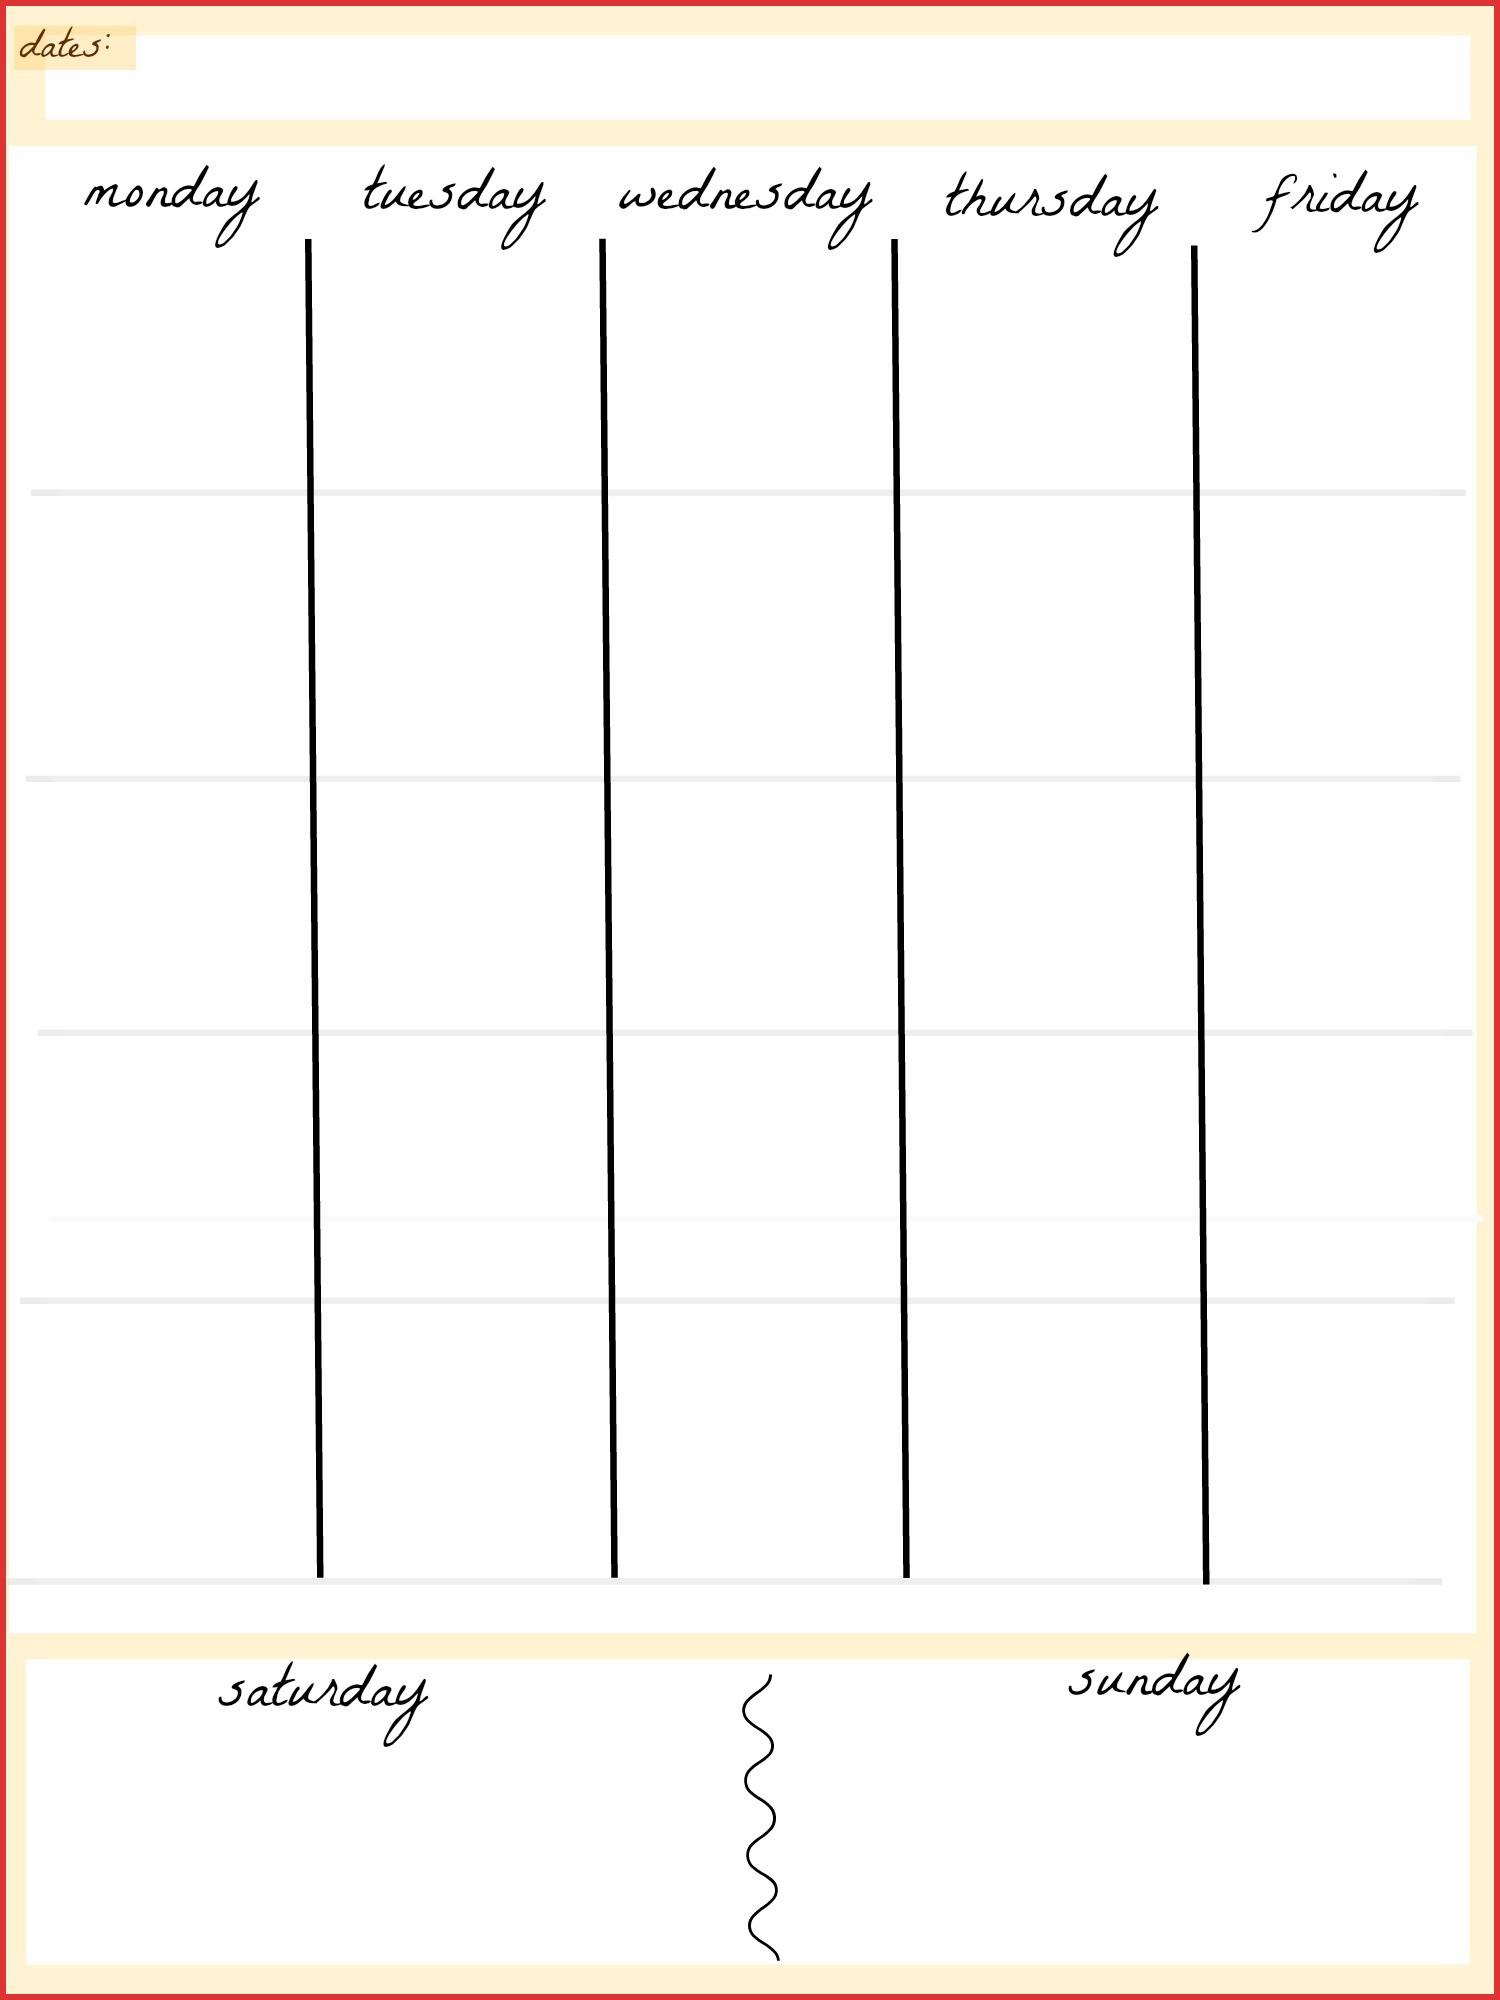 Best Of 5 Day Calendar 2016 | Job Latter